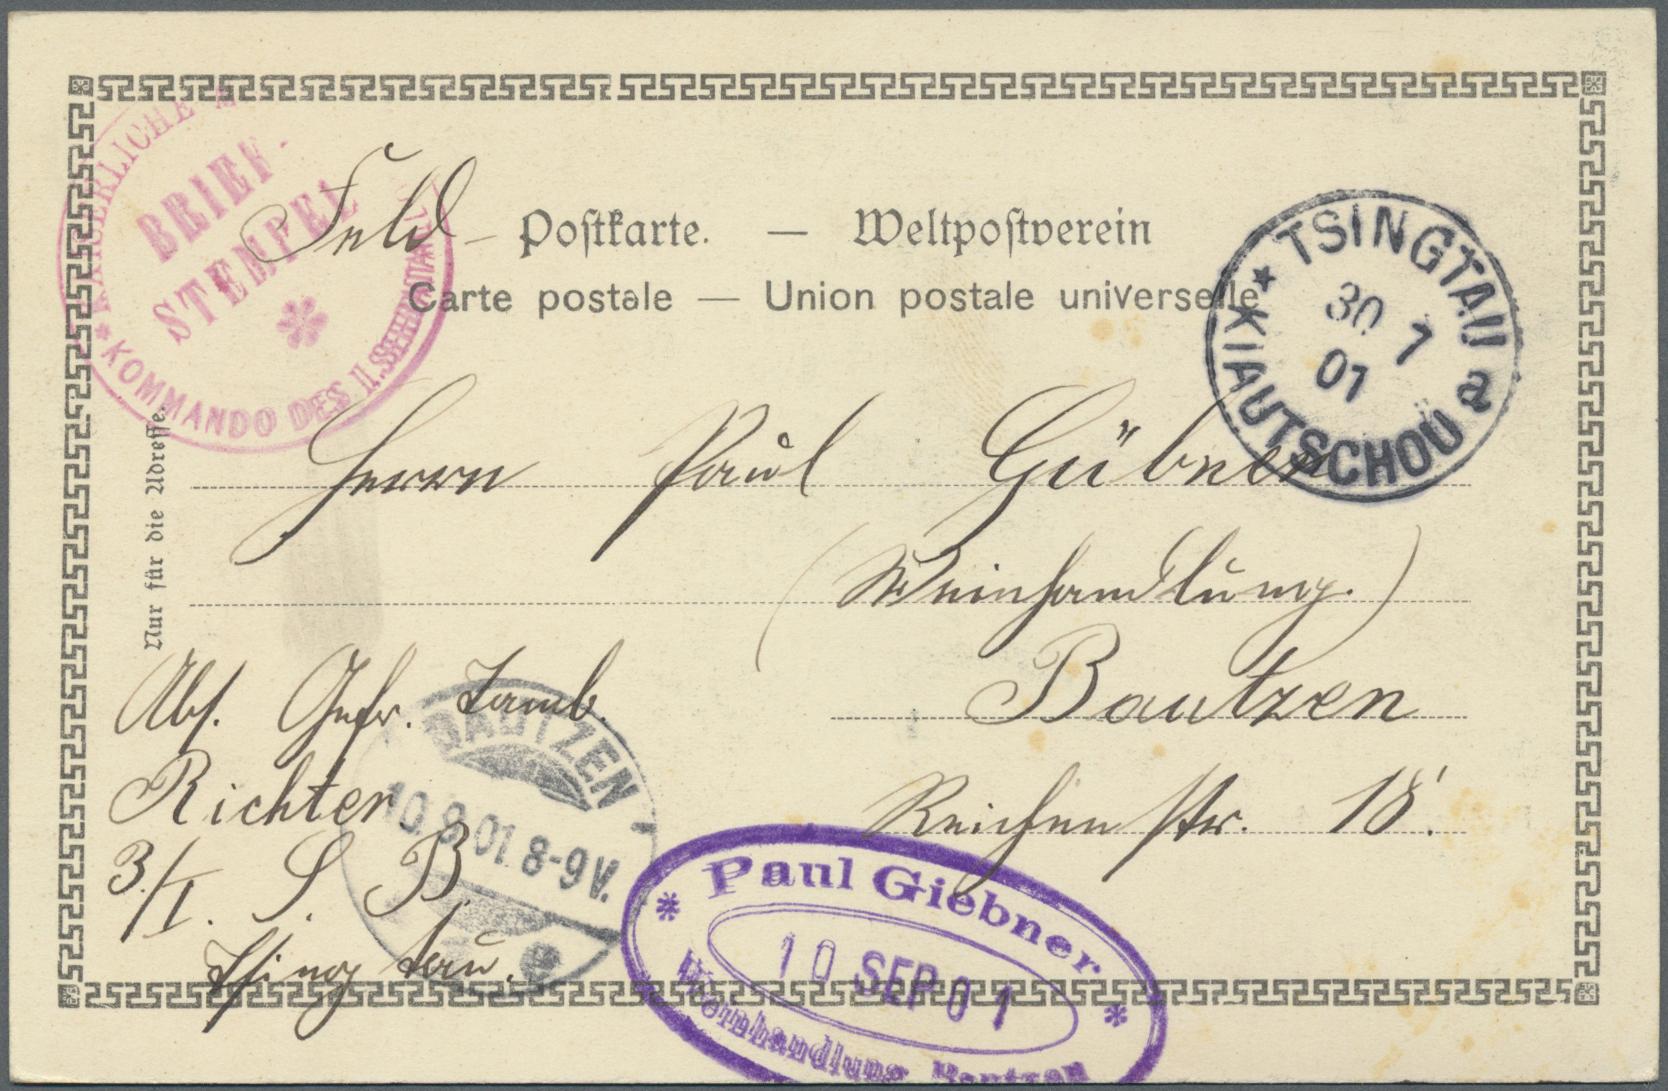 Lot 18706 - Deutsche Kolonien - Kiautschou - Mitläufer  -  Auktionshaus Christoph Gärtner GmbH & Co. KG Auction #40 Germany, Picture Post Cards, Collections Overseas, Thematics